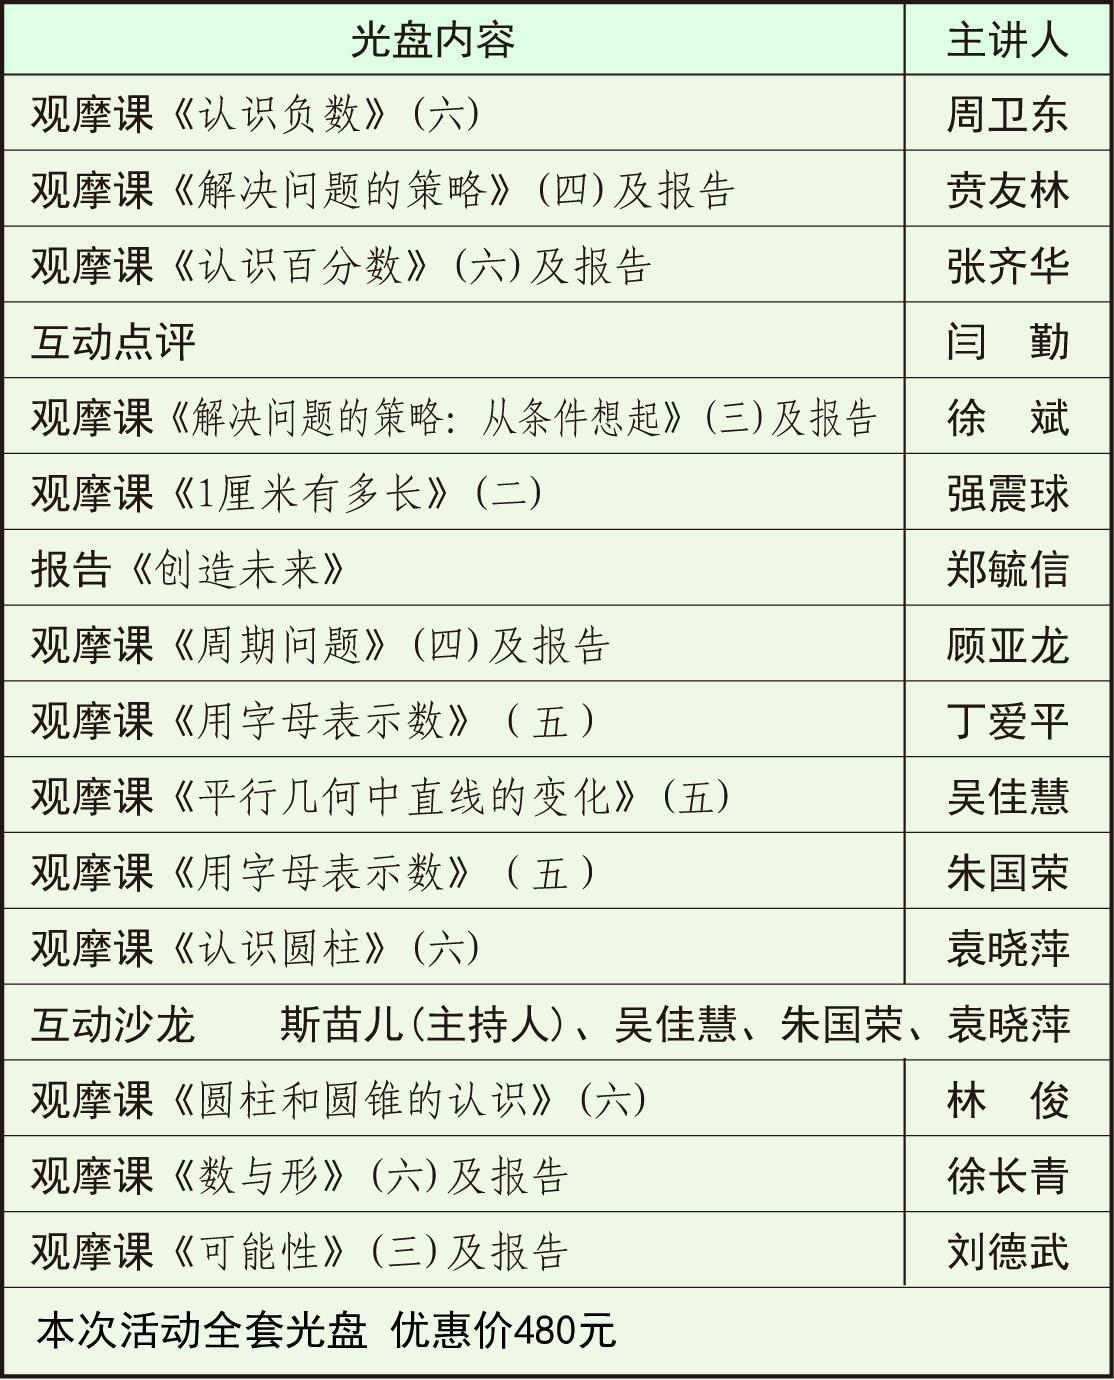 南京数学光盘内容图.jpg